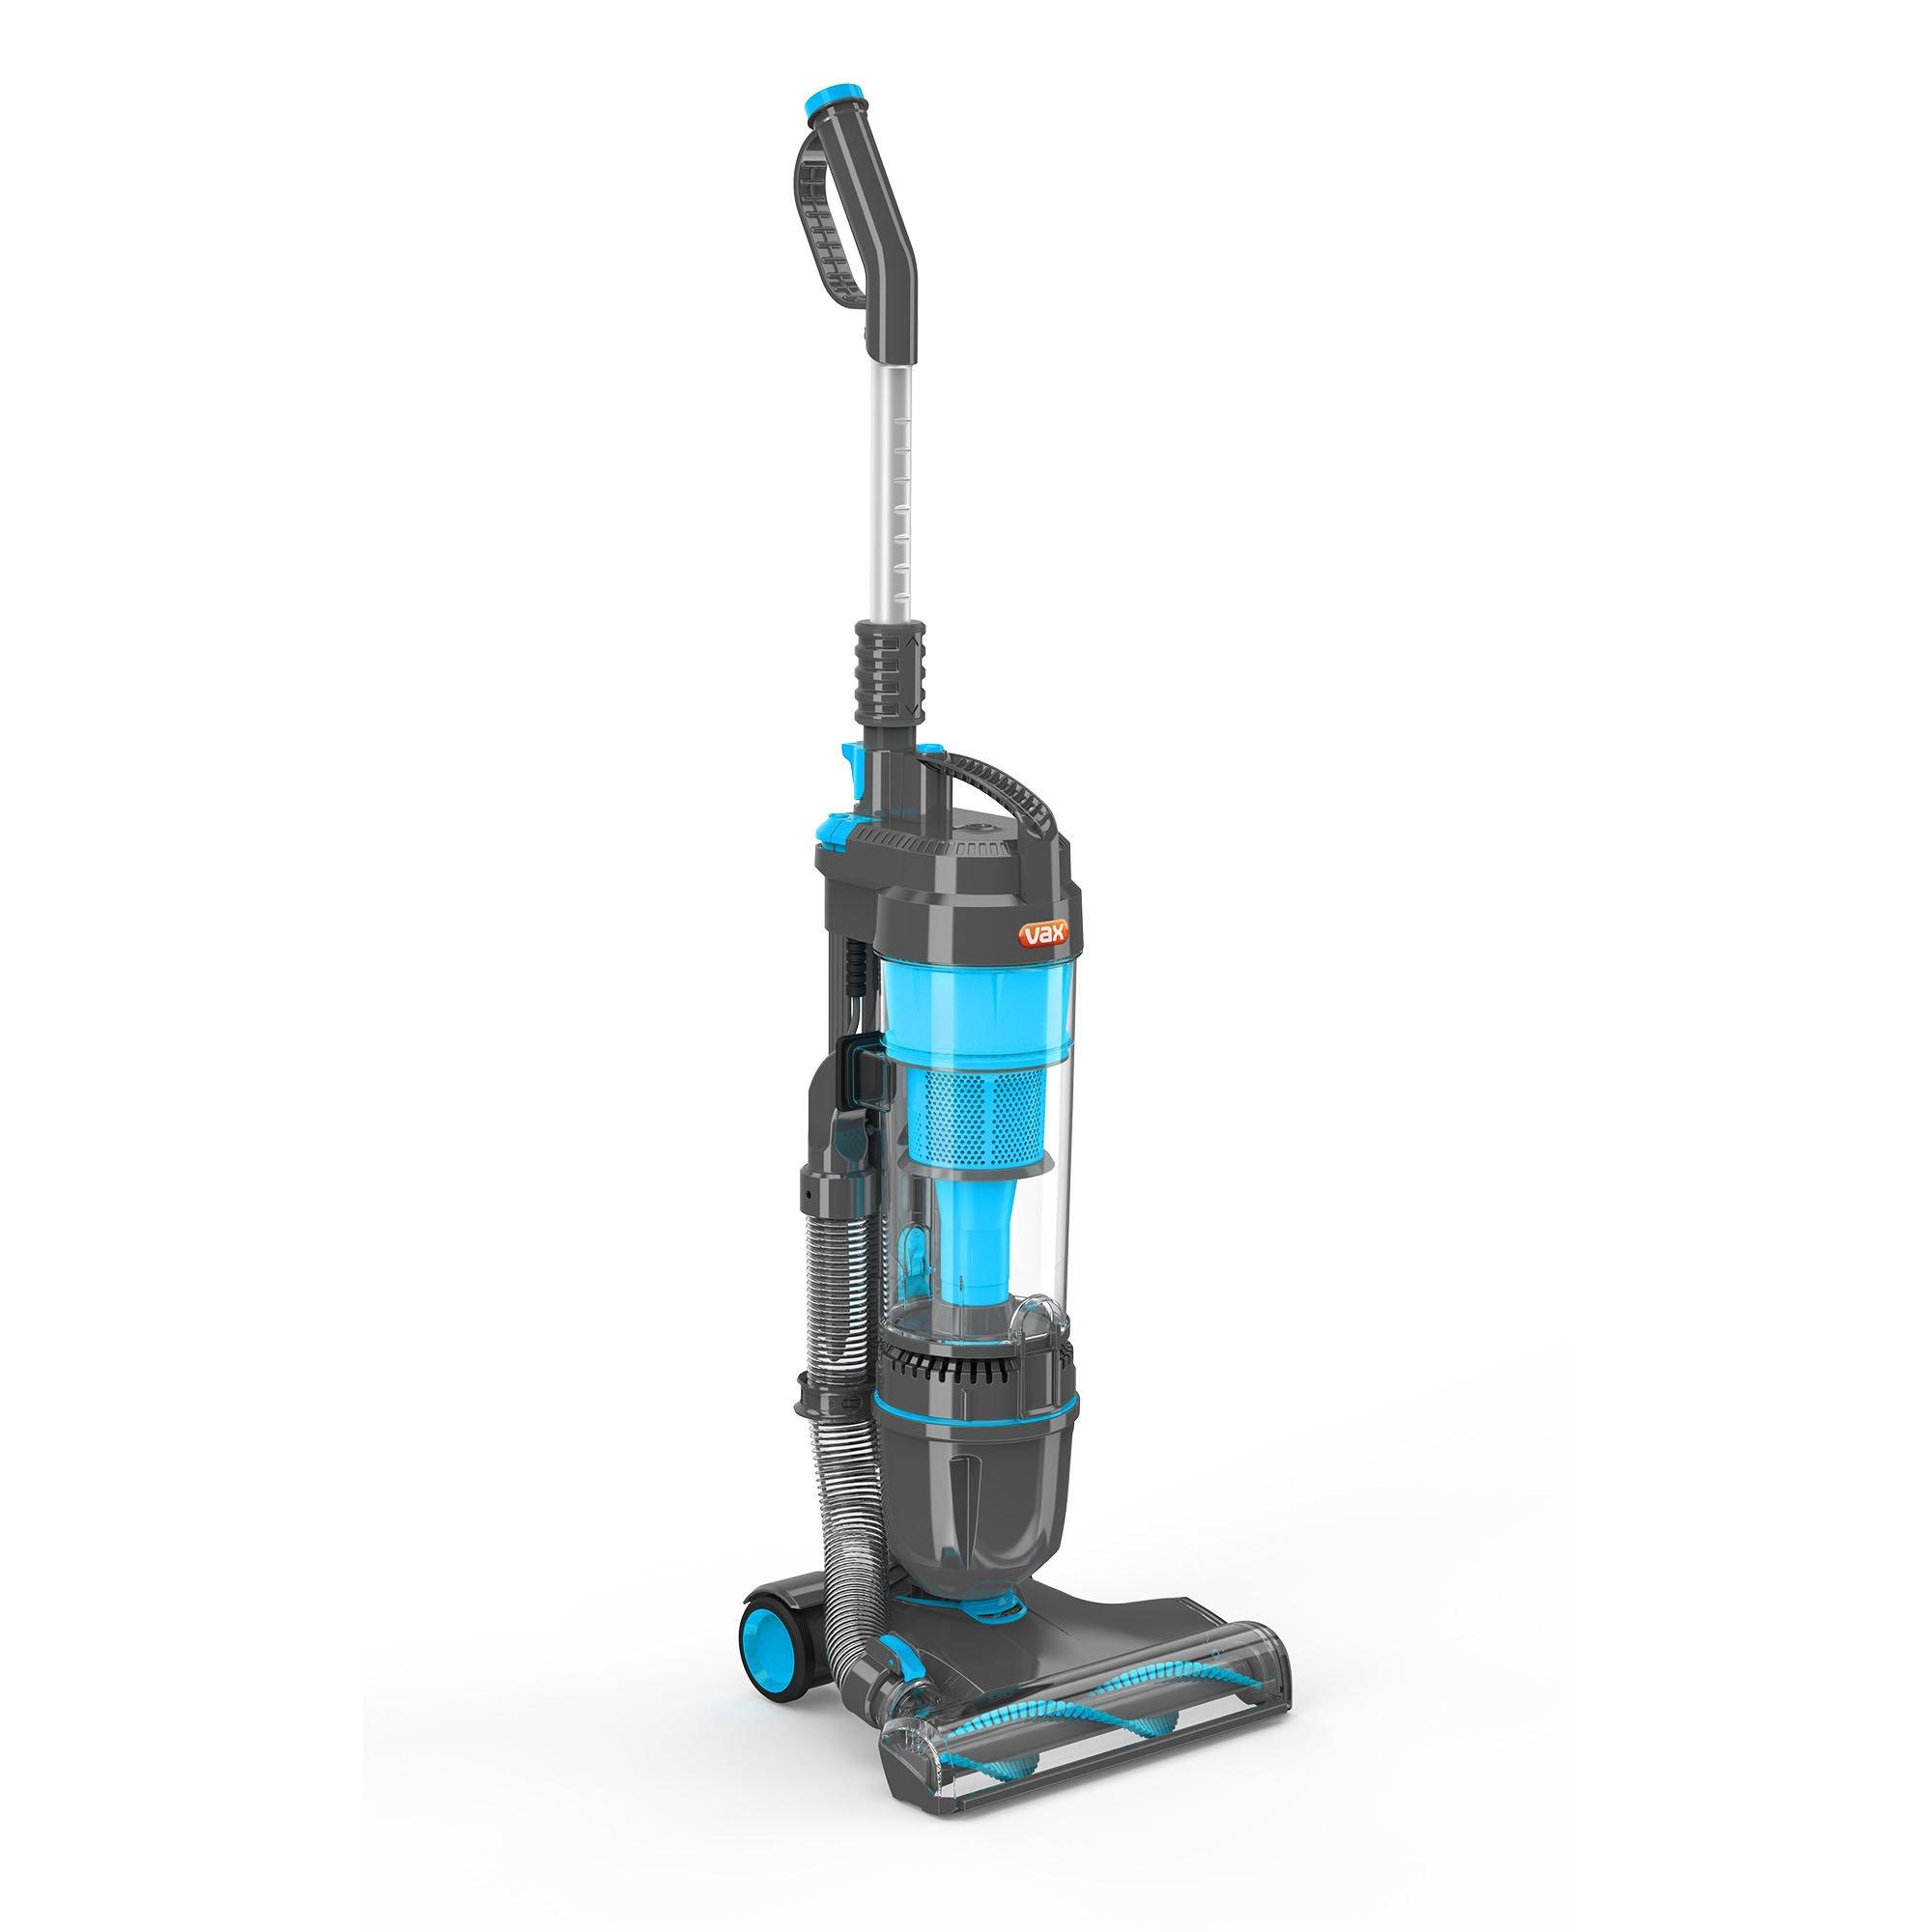 Vax Air U87-MA-Pe Upright Vacuum Cleaner